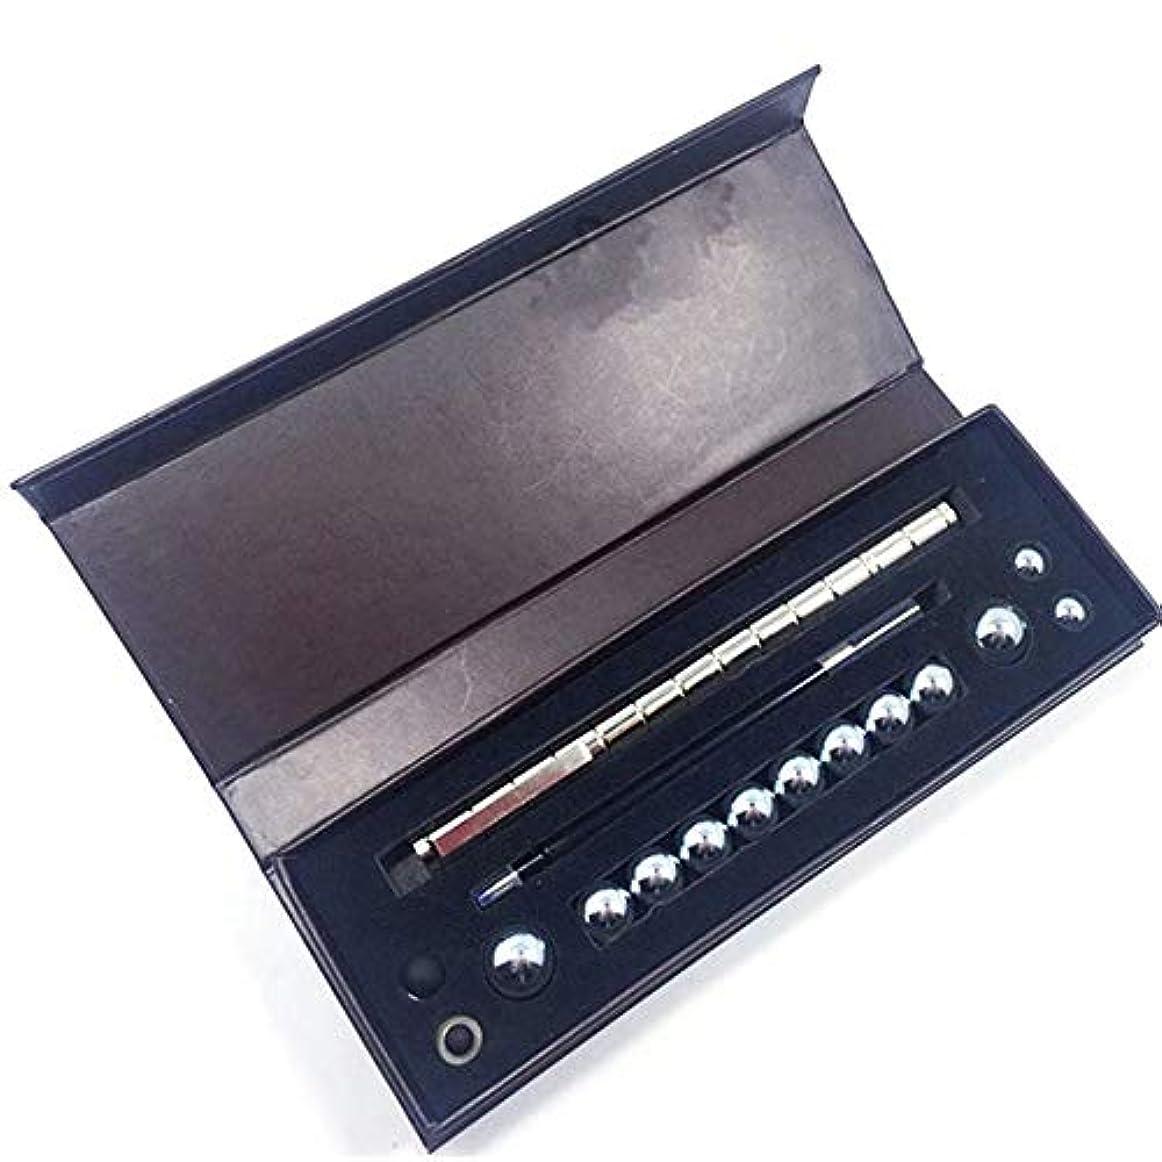 強化彼女自身勉強する磁気ペンクリエイティブ楽しいペン金属磁気マグネット水性ペンギフトボックス減圧ペン文房具-シルバー